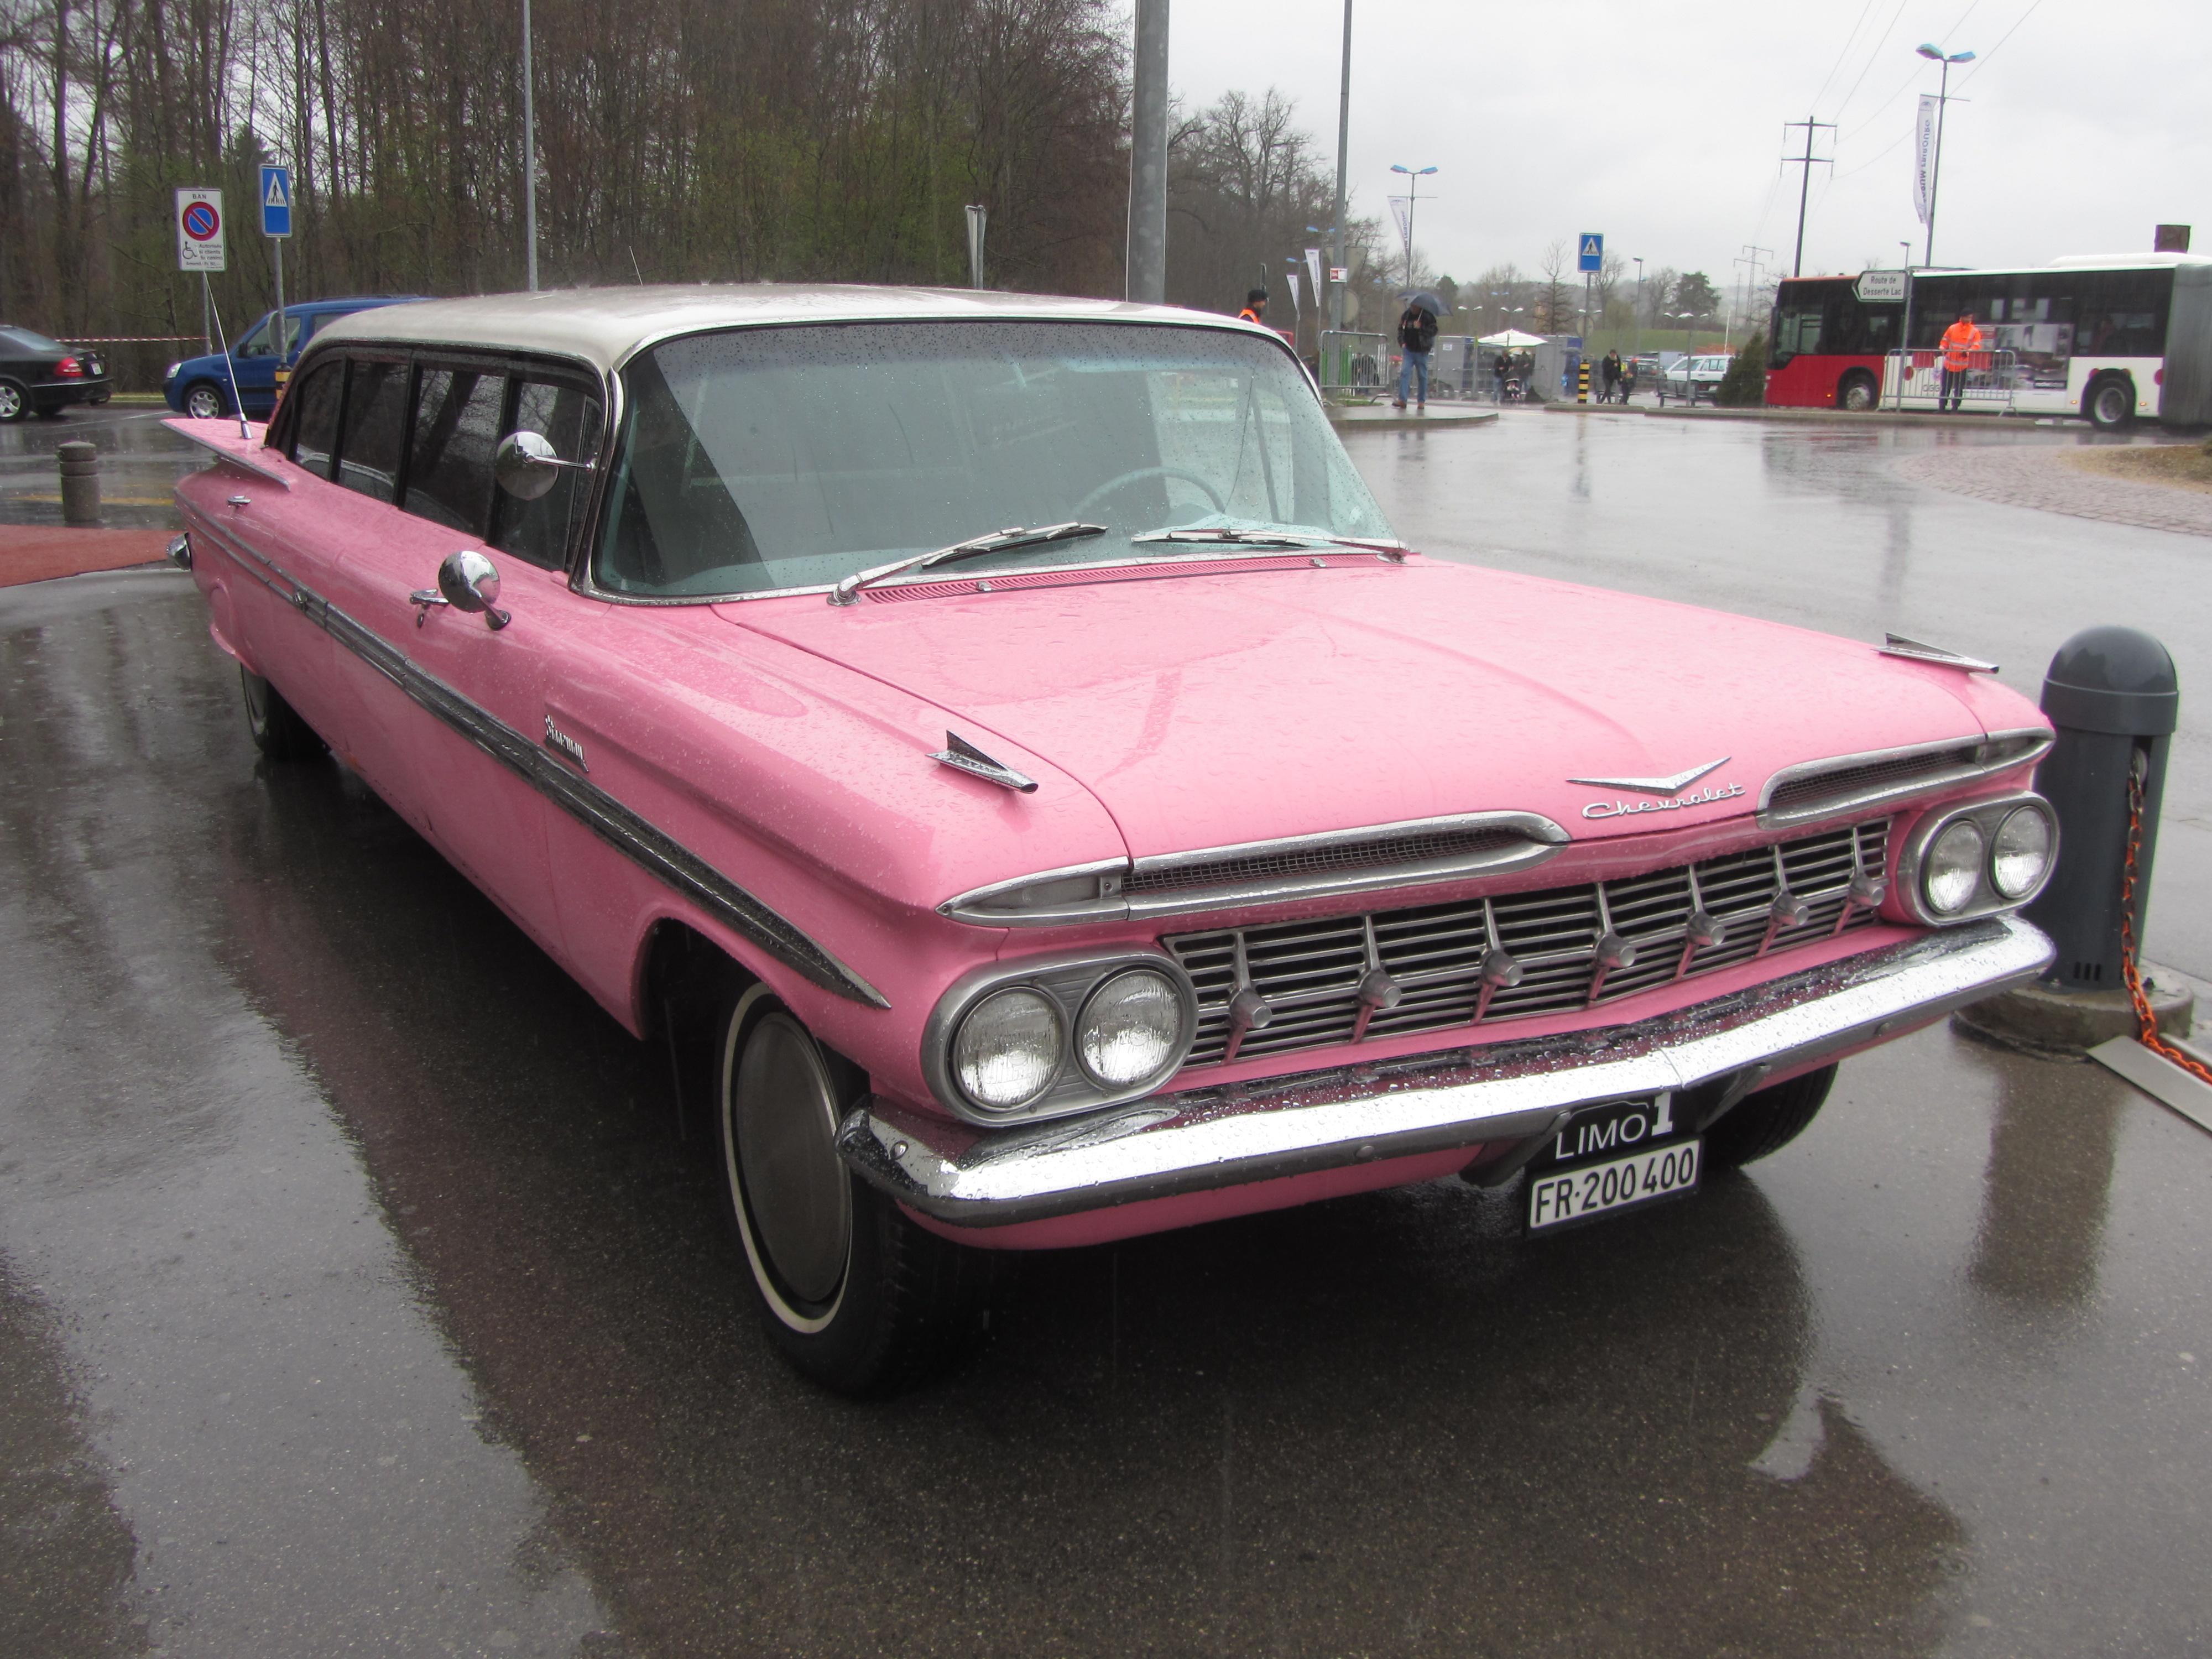 Masaüstü Araba Araç Kaput Klasik Araba Chevrolet Eski Zaman